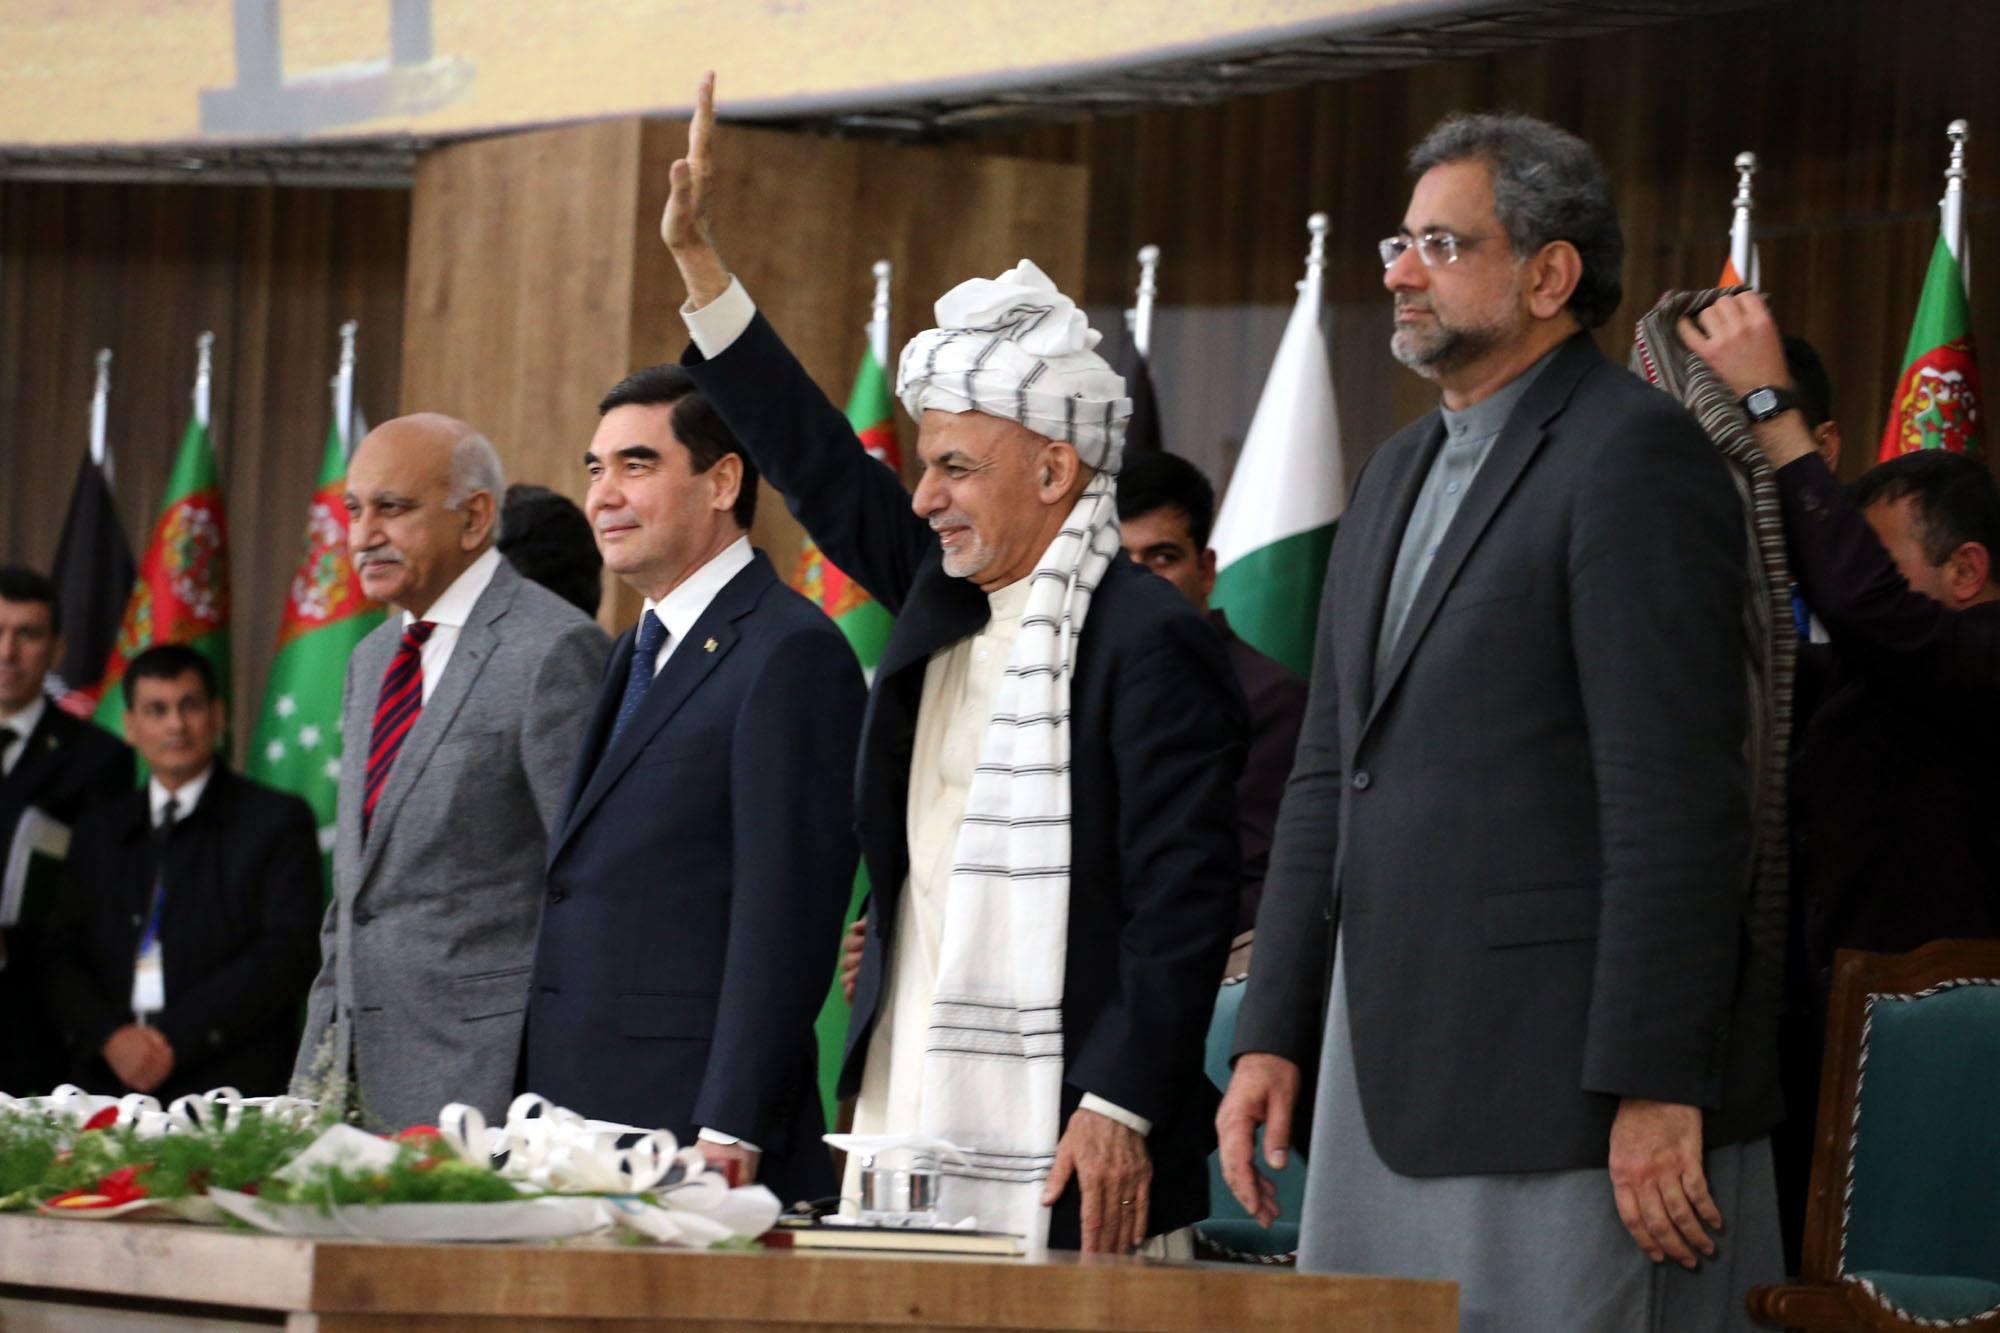 مقامات کشور های منطقه کار احداث بخش افغانستان خط لولهء تاپی را افتتاح کردند